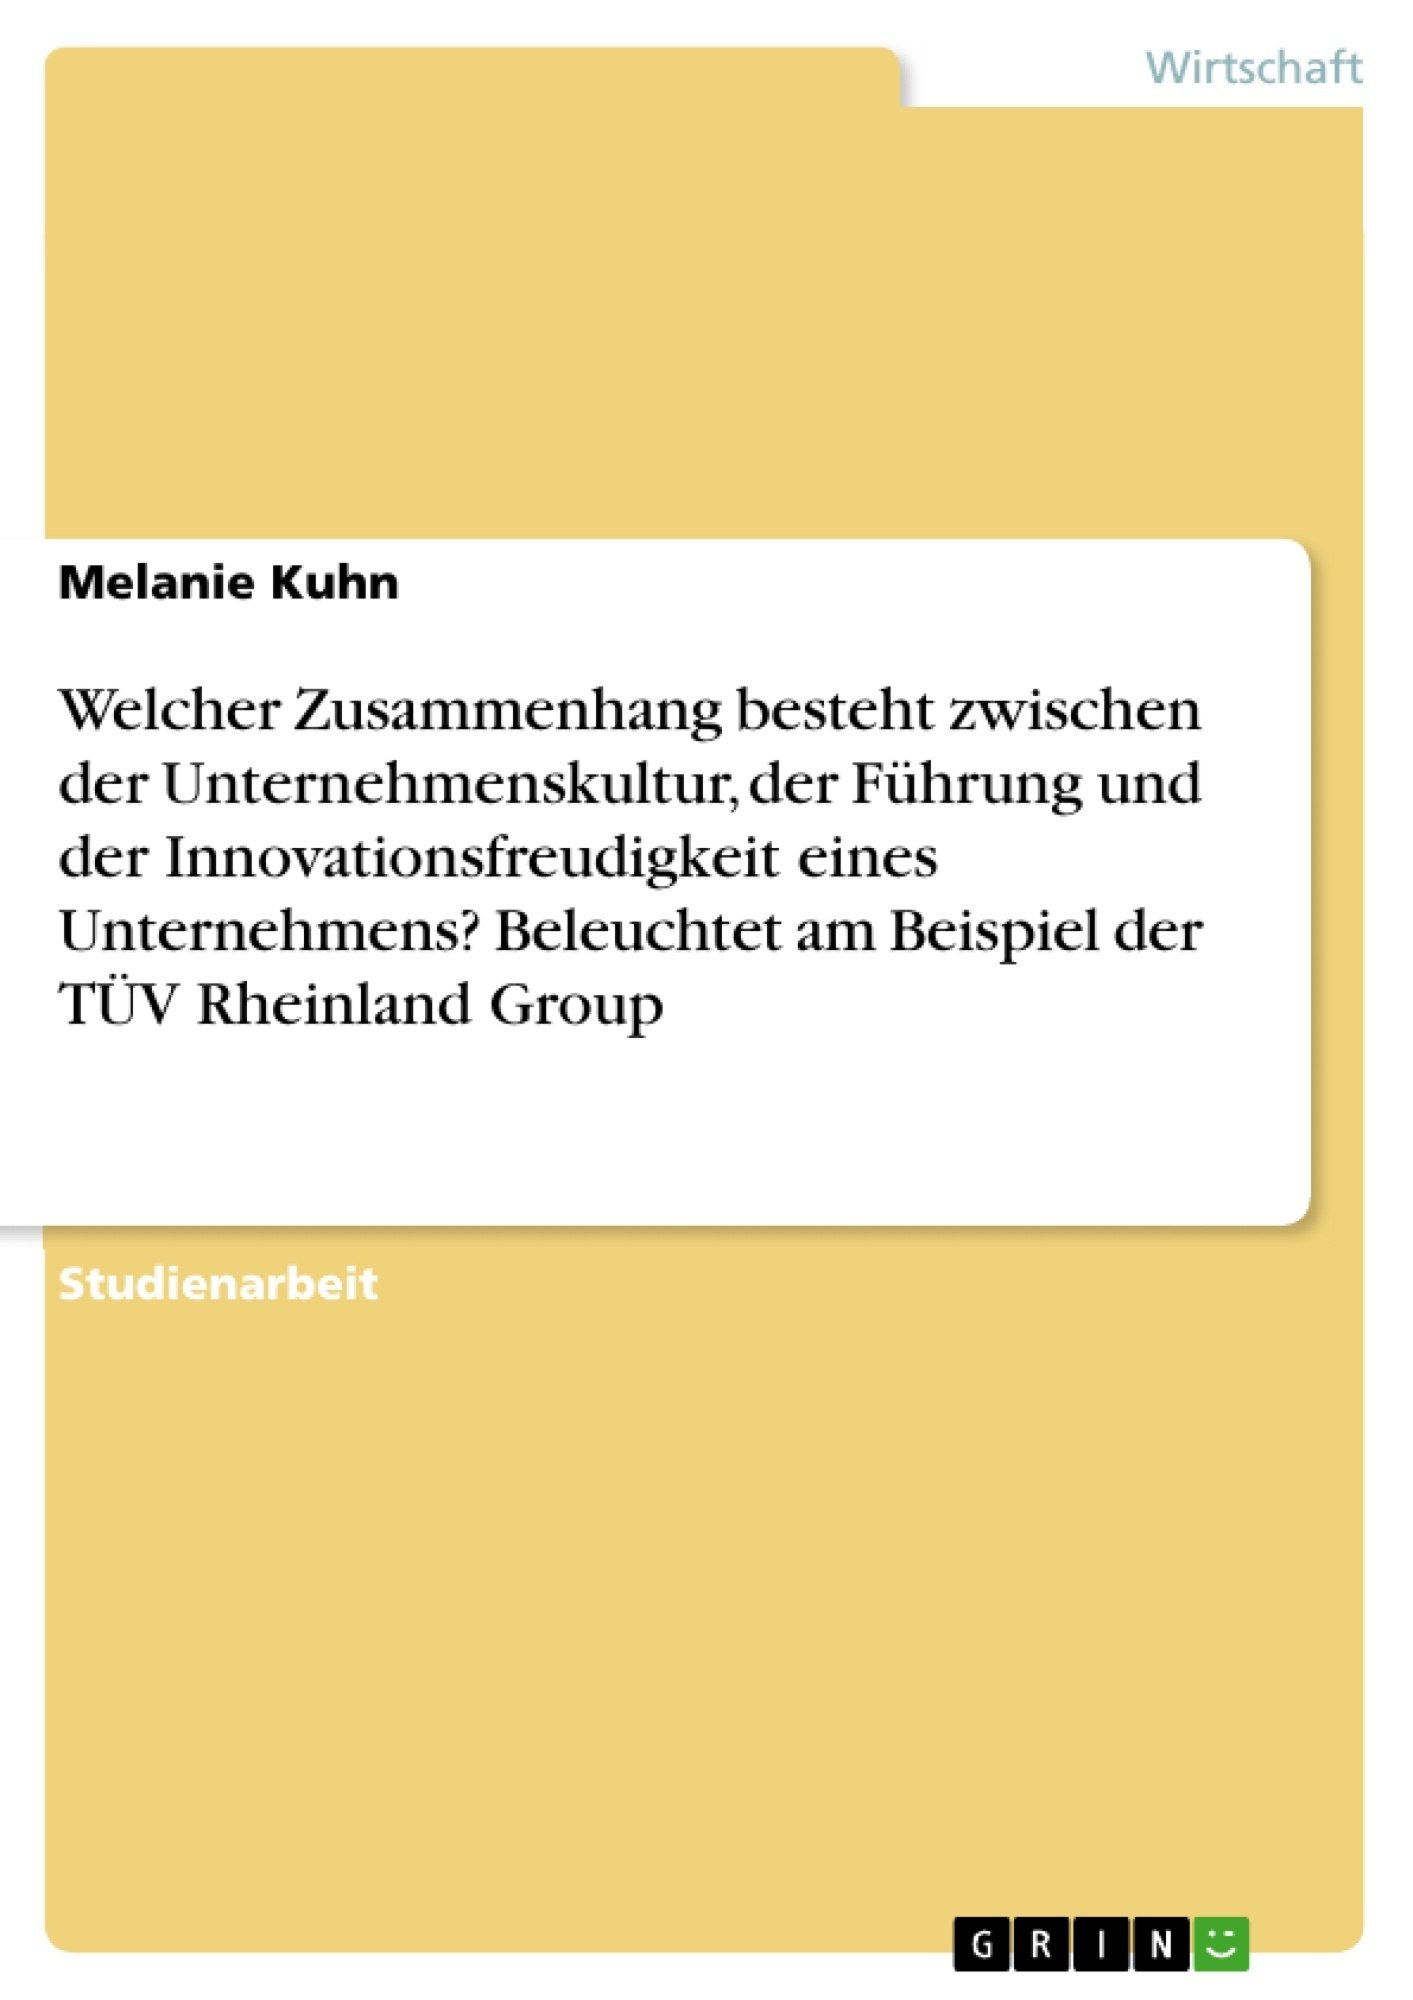 Titel: Welcher Zusammenhang besteht zwischen der Unternehmenskultur, der Führung und der Innovationsfreudigkeit eines Unternehmens? Beleuchtet am Beispiel der TÜV Rheinland Group